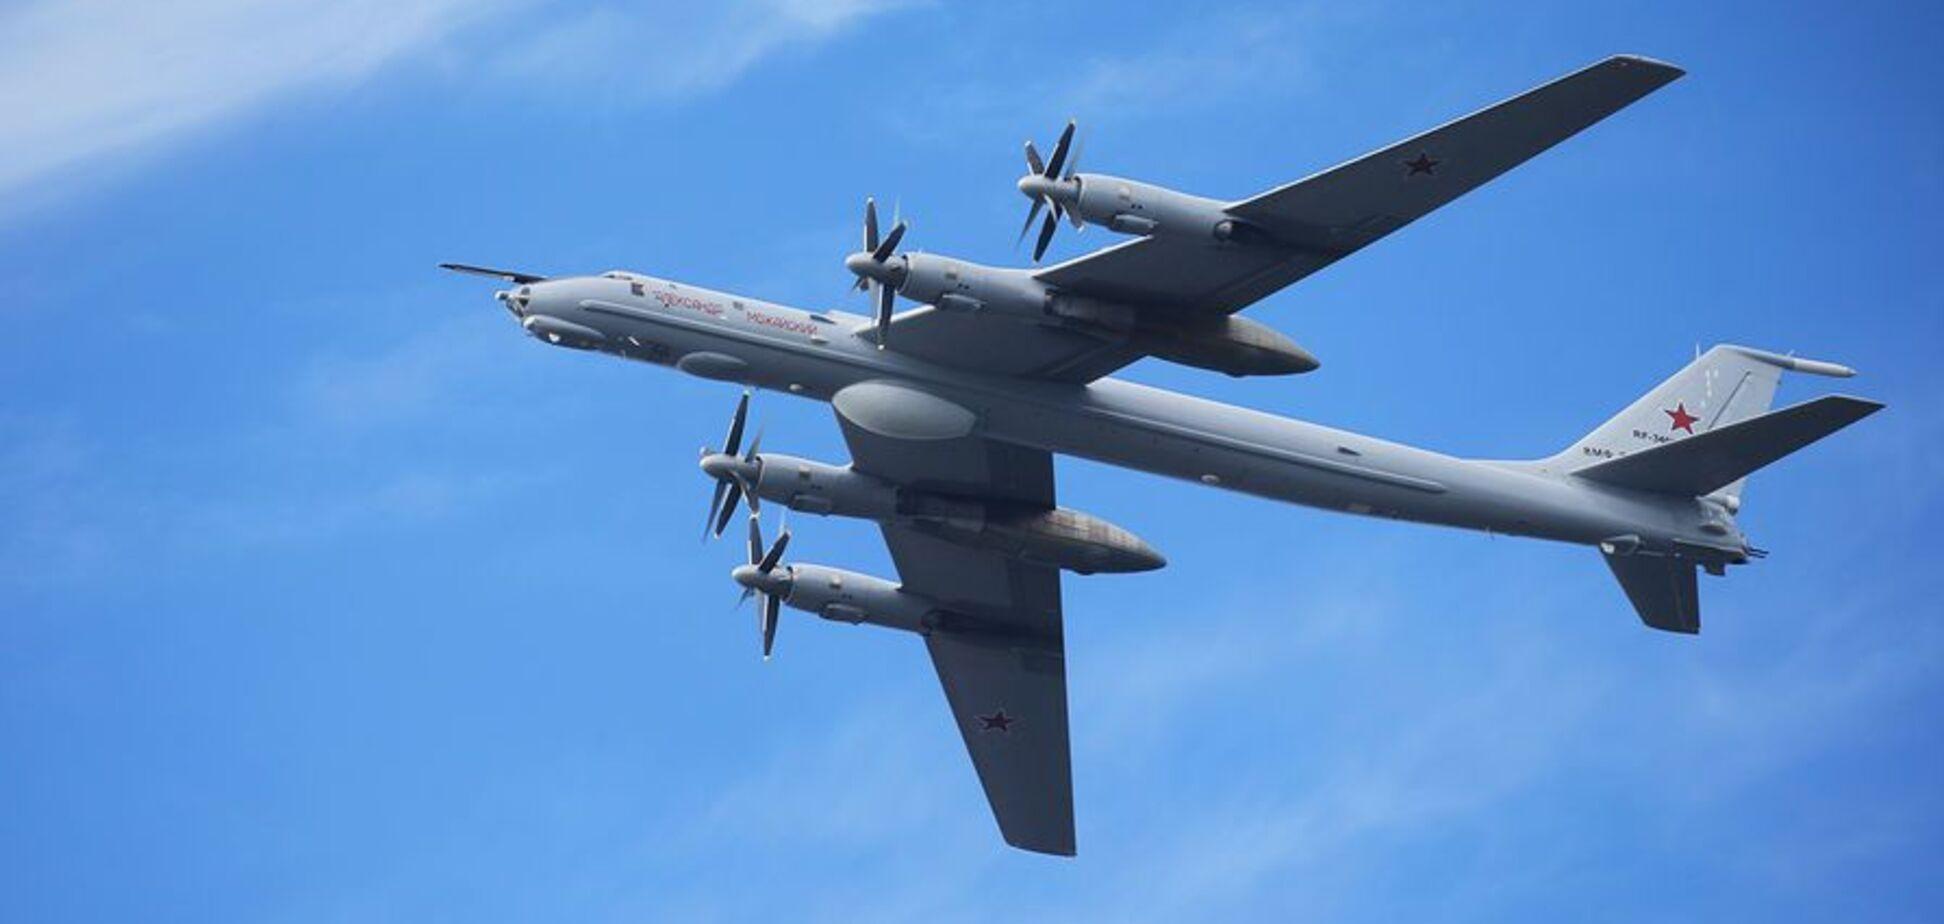 Россия устроила дерзкую провокацию с кораблями НАТО: опубликованы фото